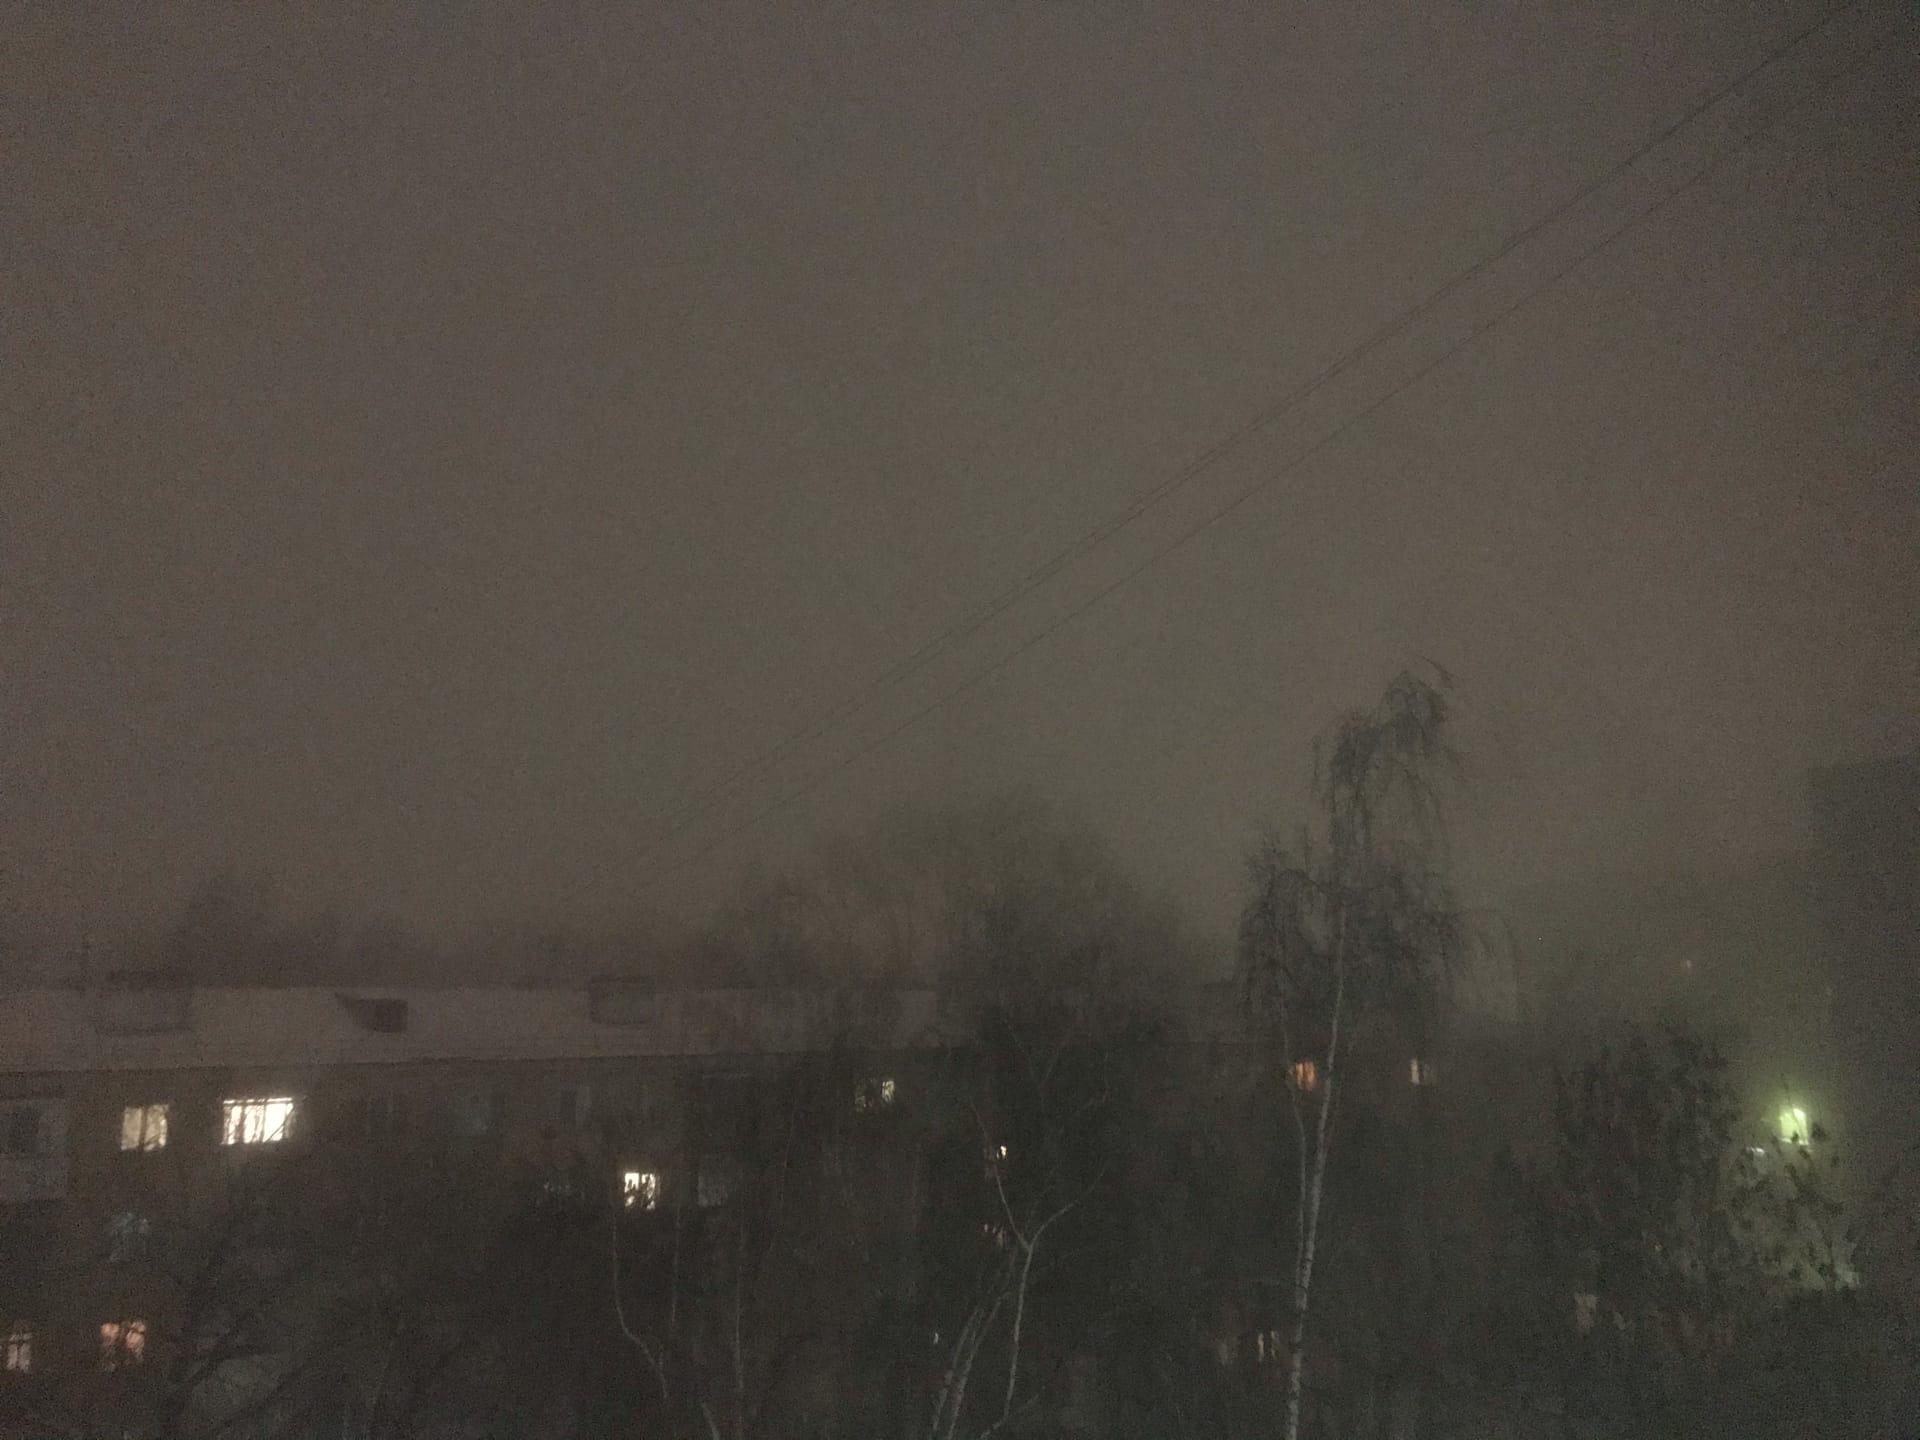 Фото «Прокашлялись, прочихались и живём дальше»: чем опасен режим «черного неба» в Новосибирске и как он убивает людей 5